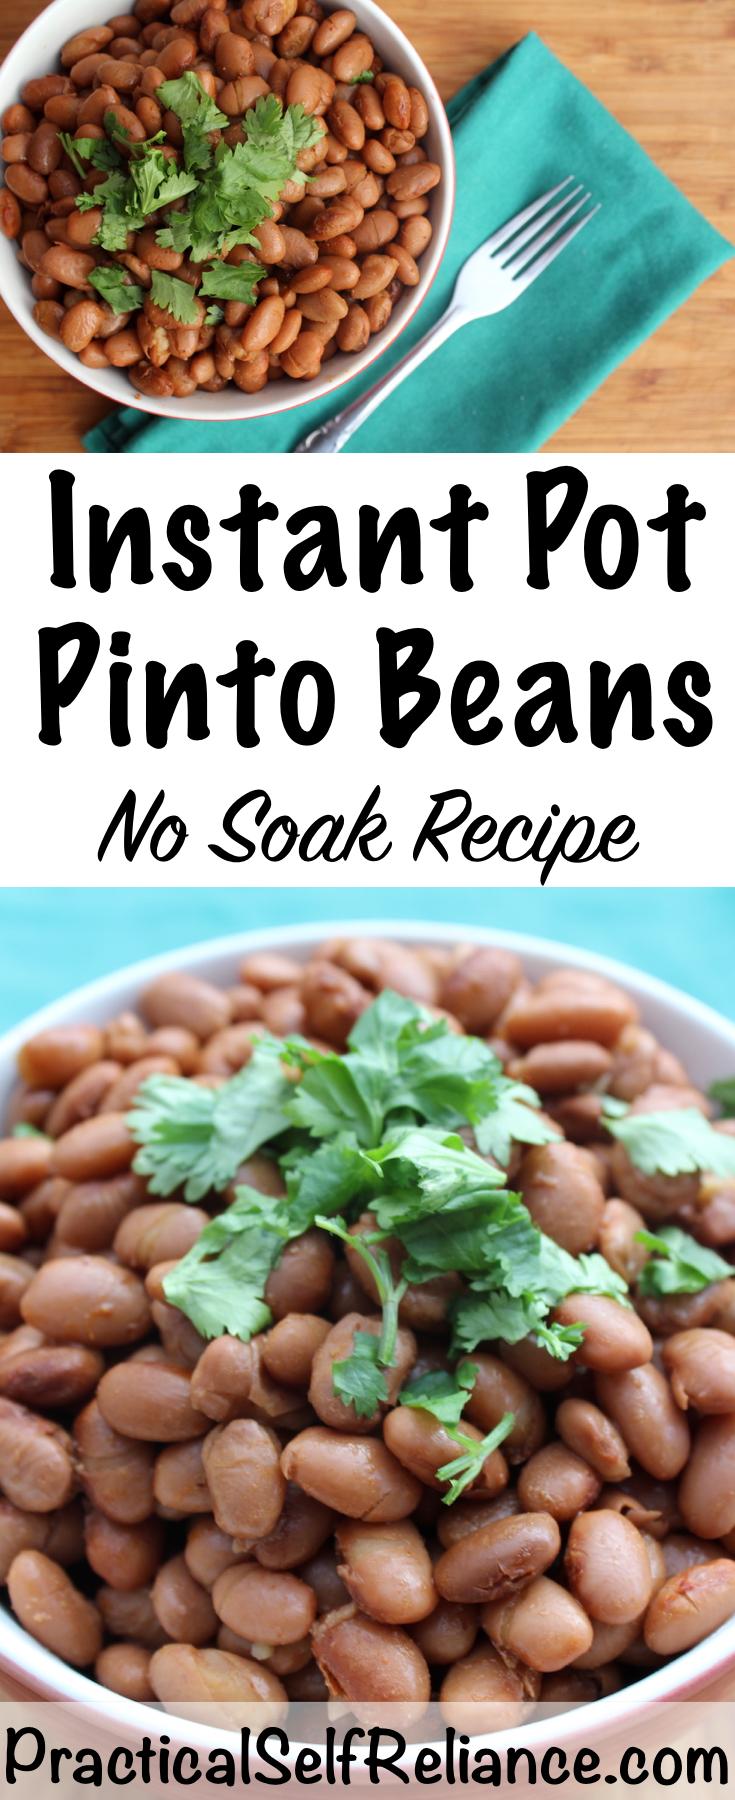 No Soak Instant Pot Pinto Beans Recipe - Practical Self Reliance #pintobeans #recipes #beans #instantpot #howtomake #nosoak